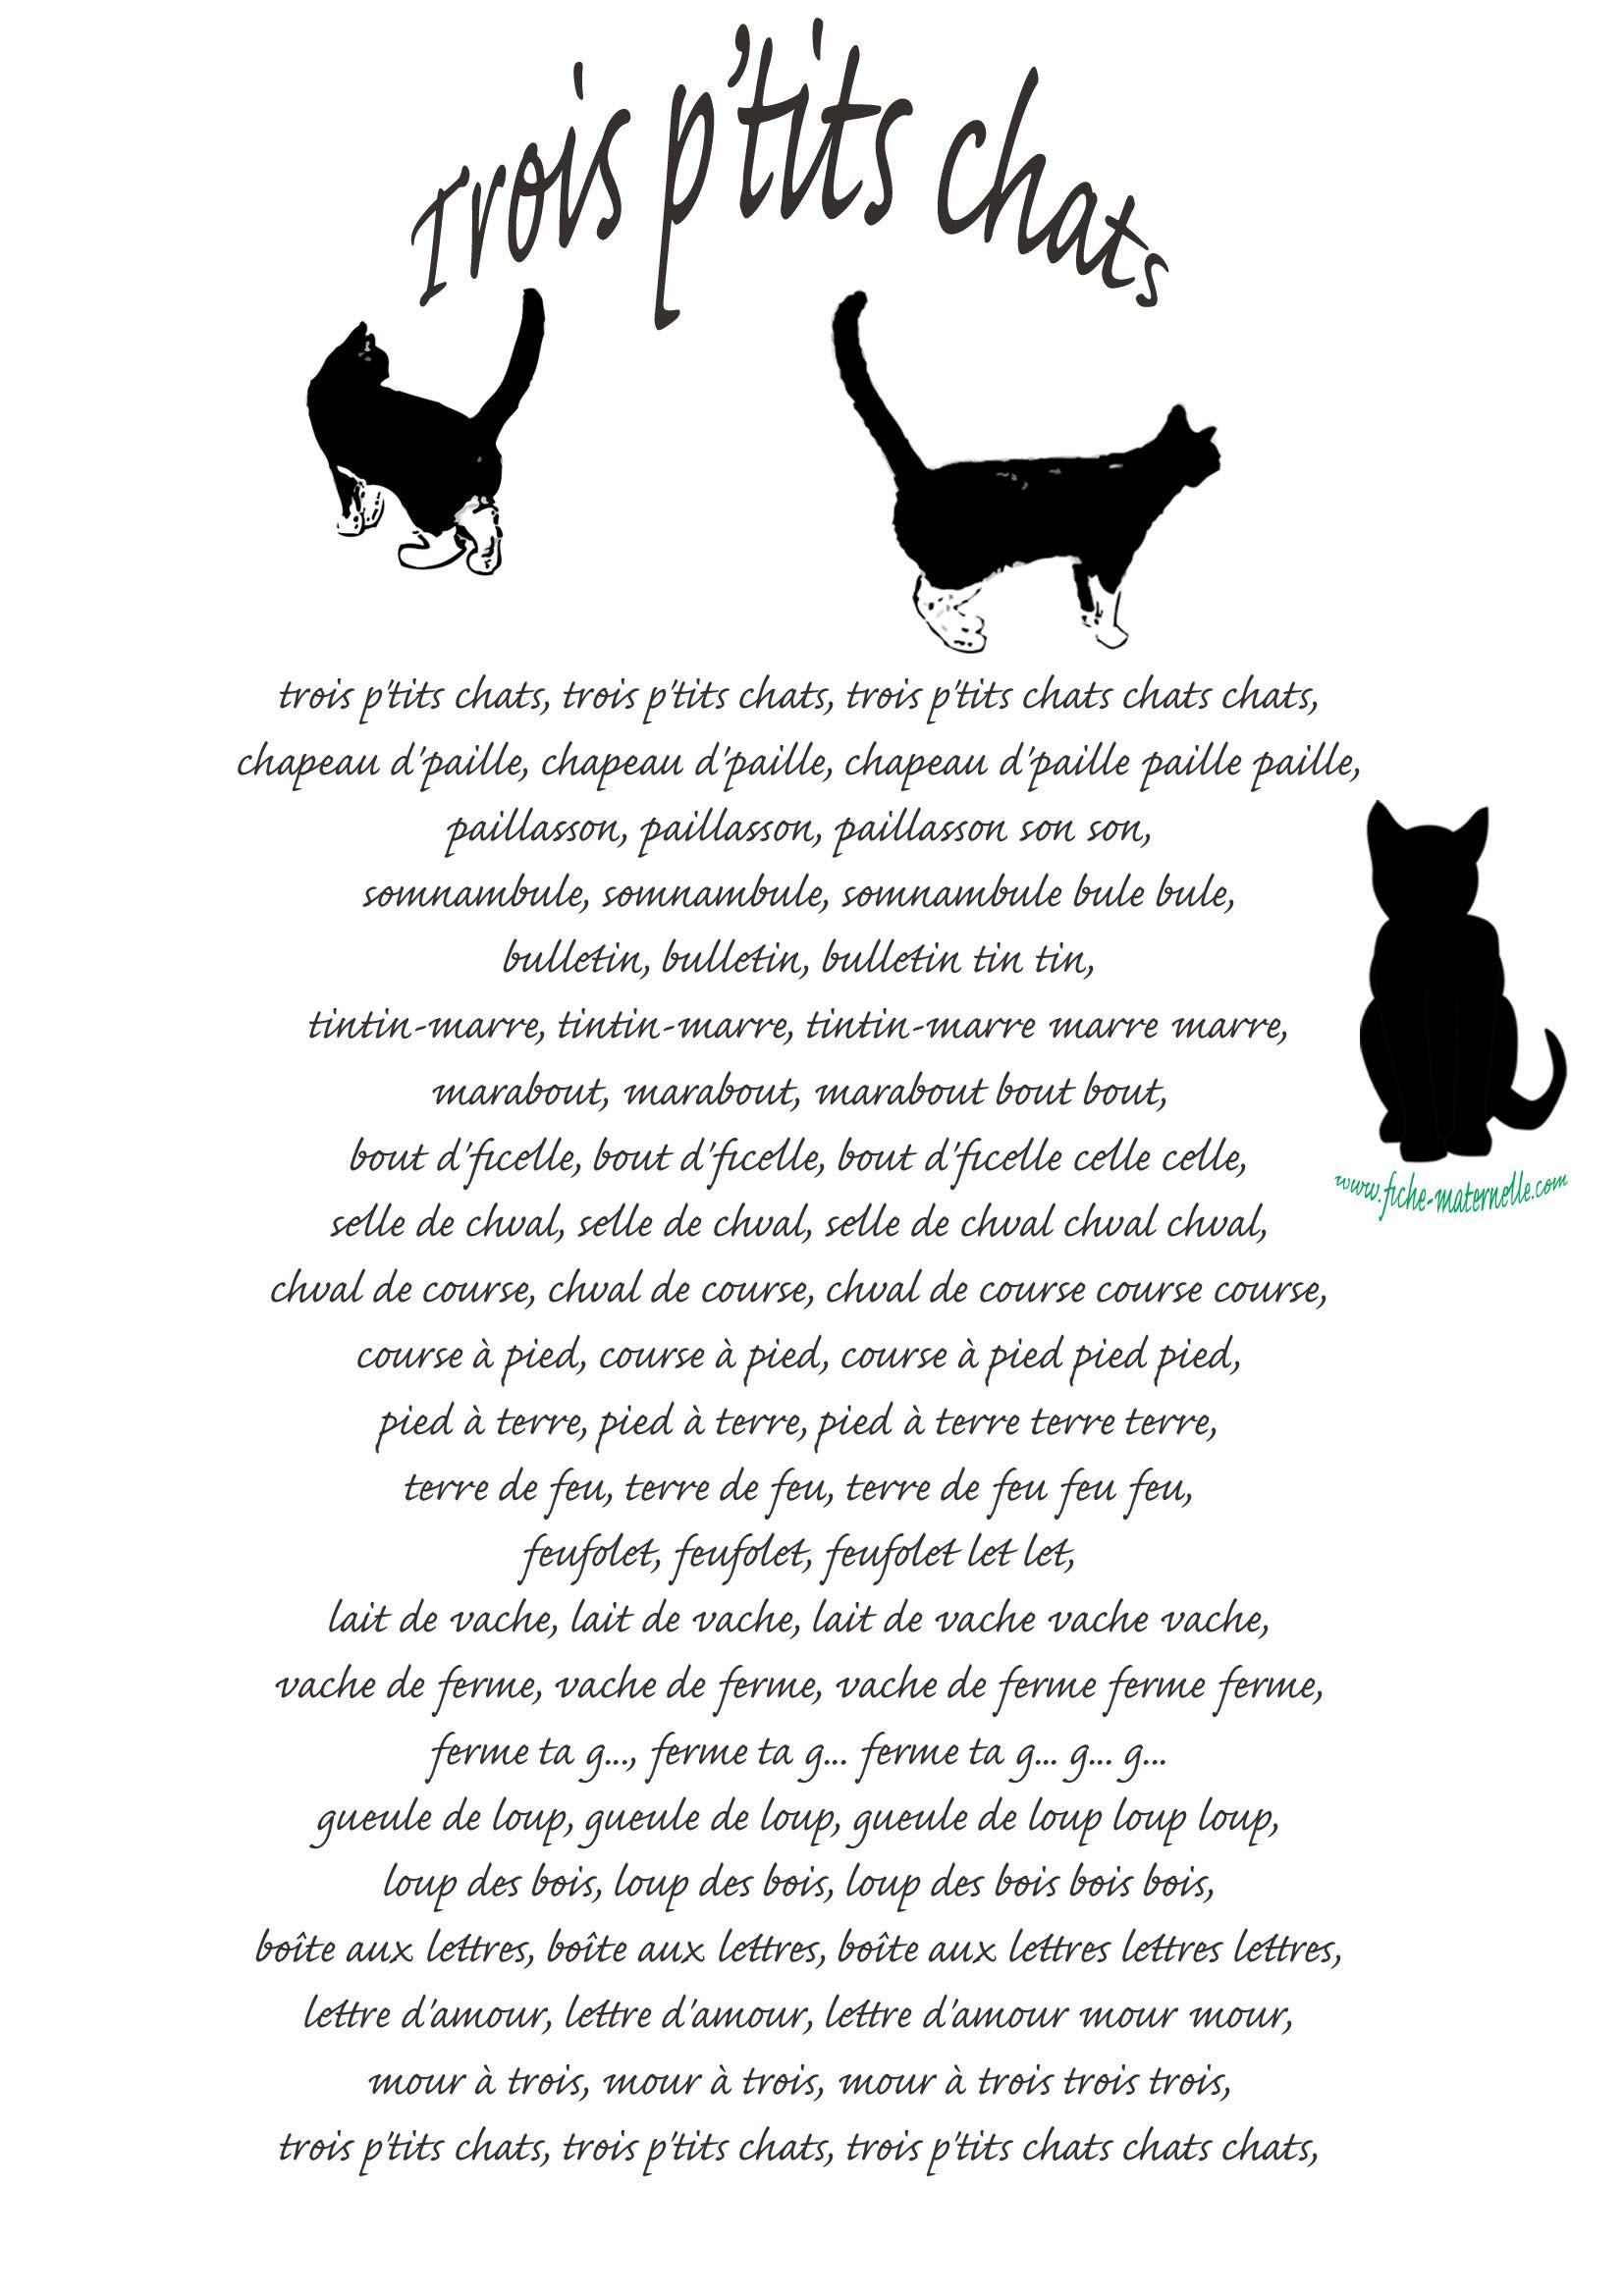 Chanson 3 petits chats